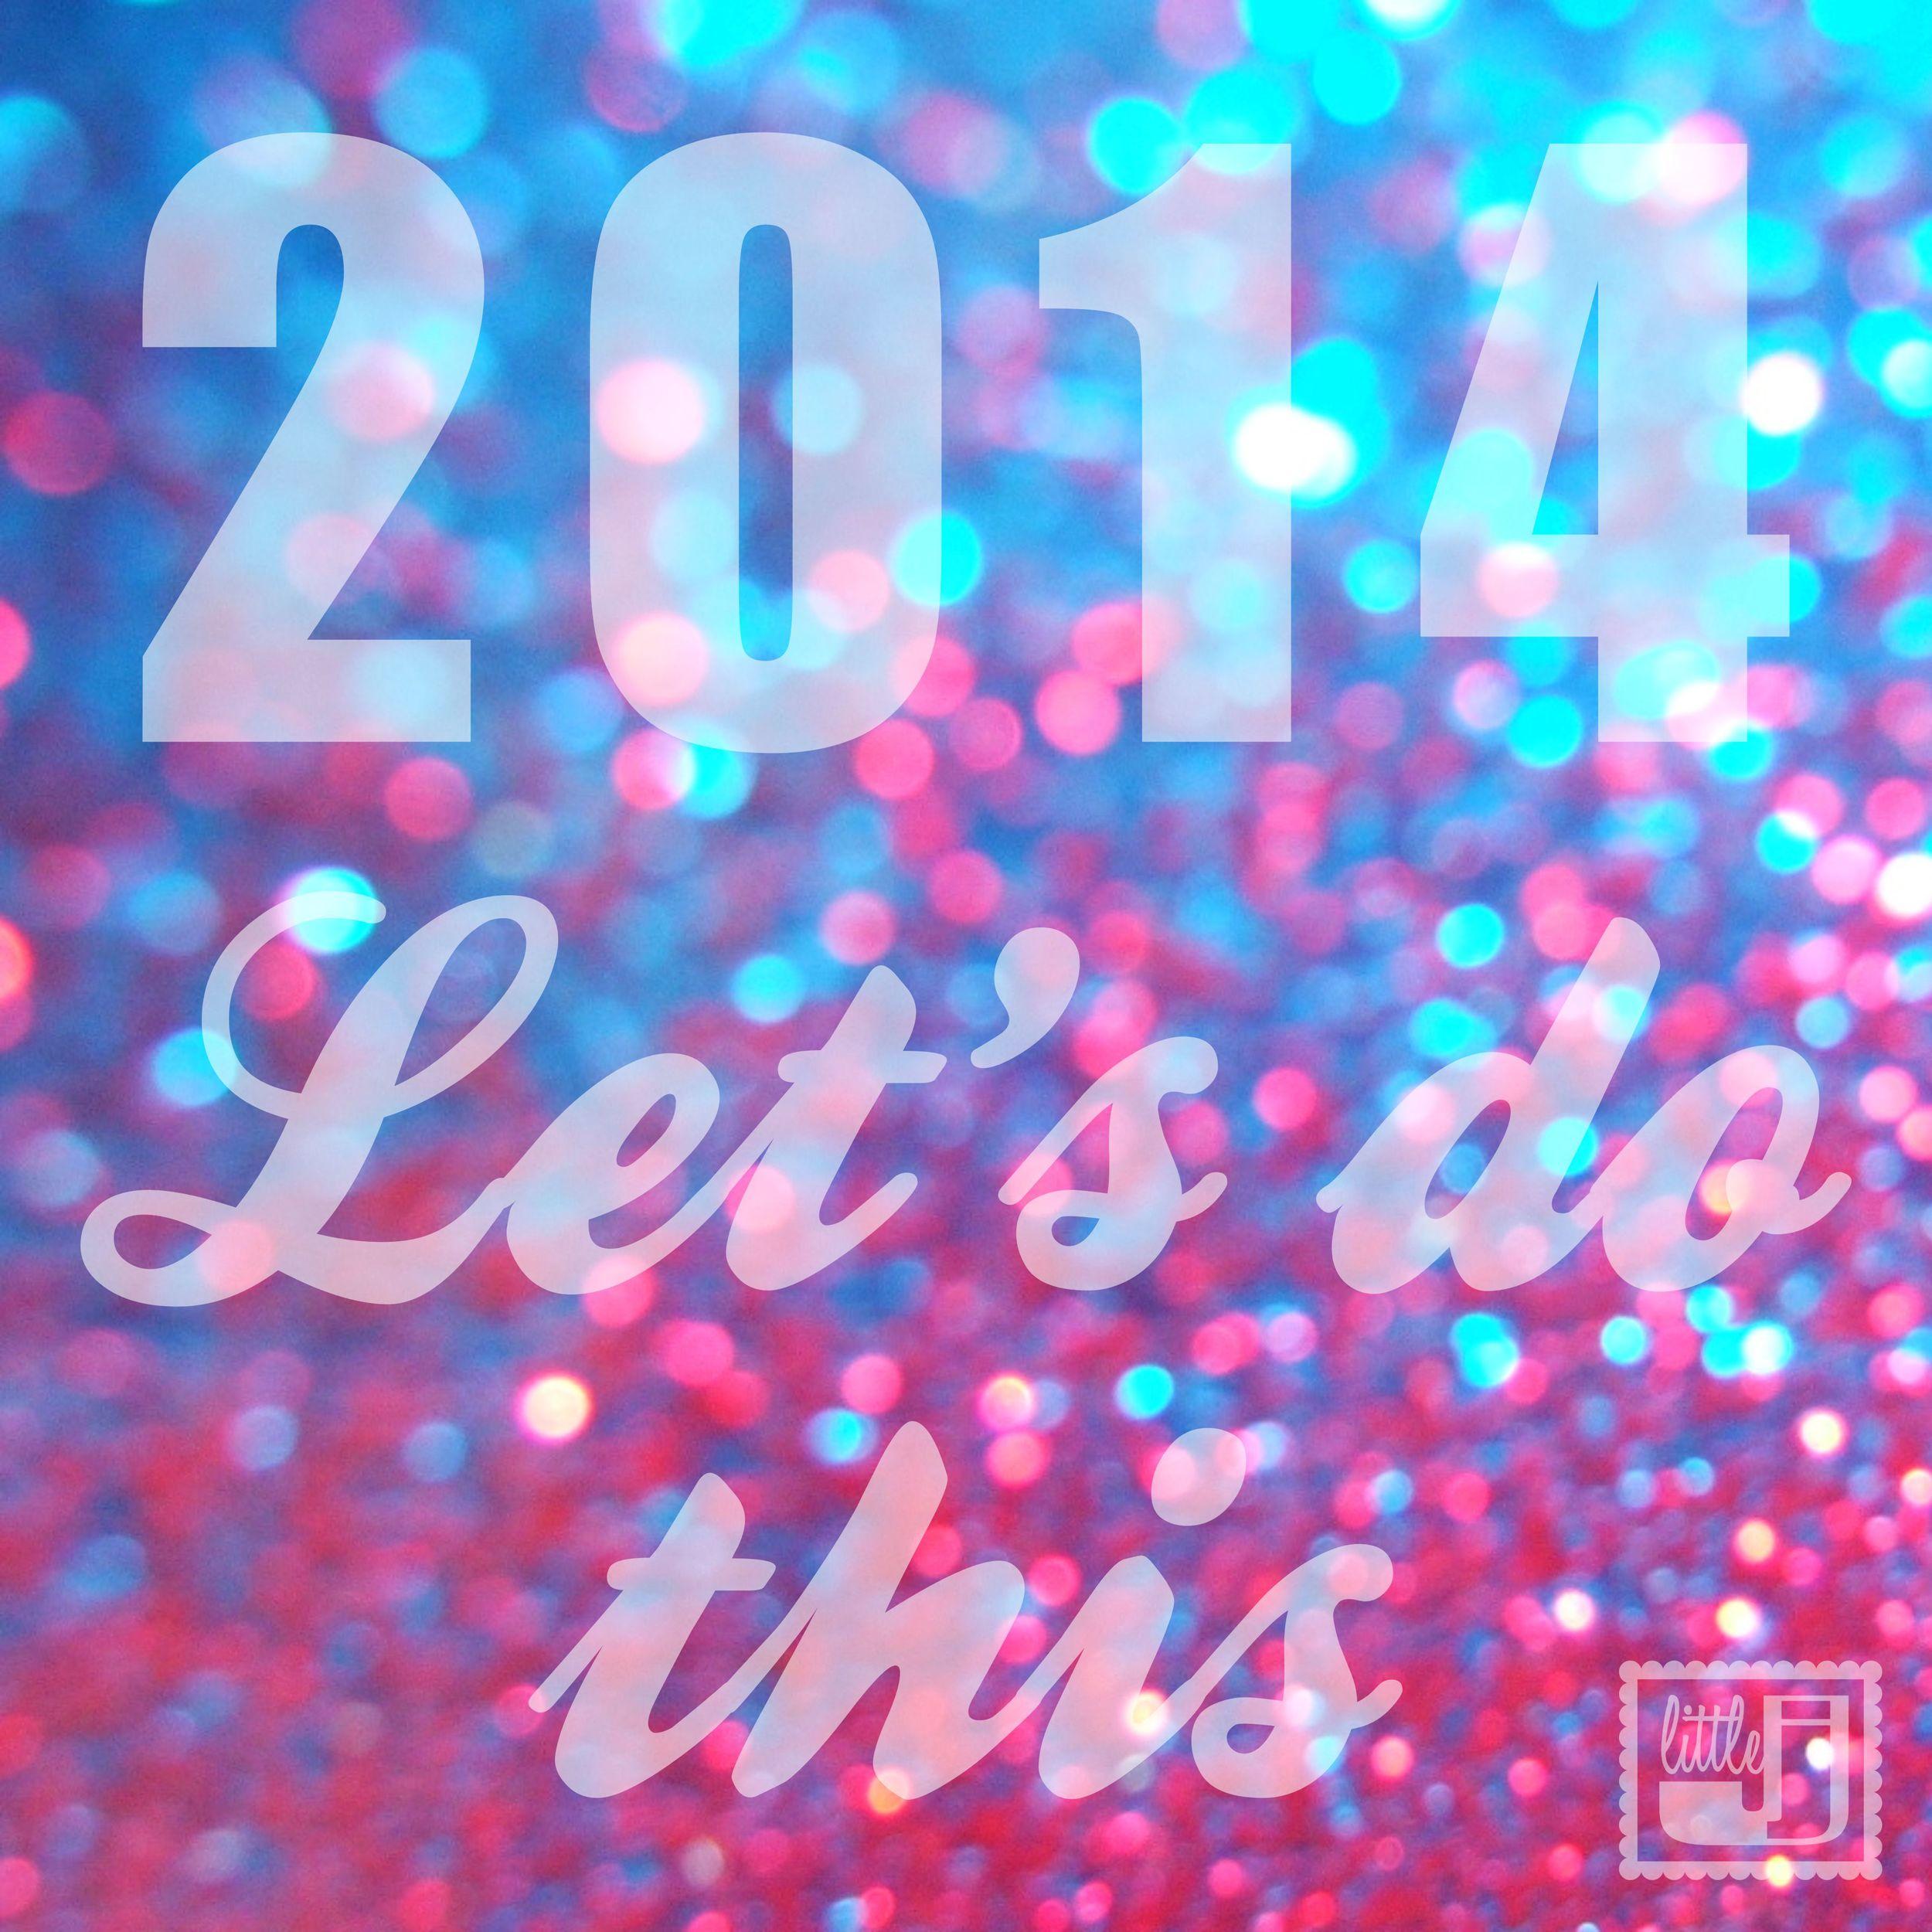 NEW YEARS 2014.jpg